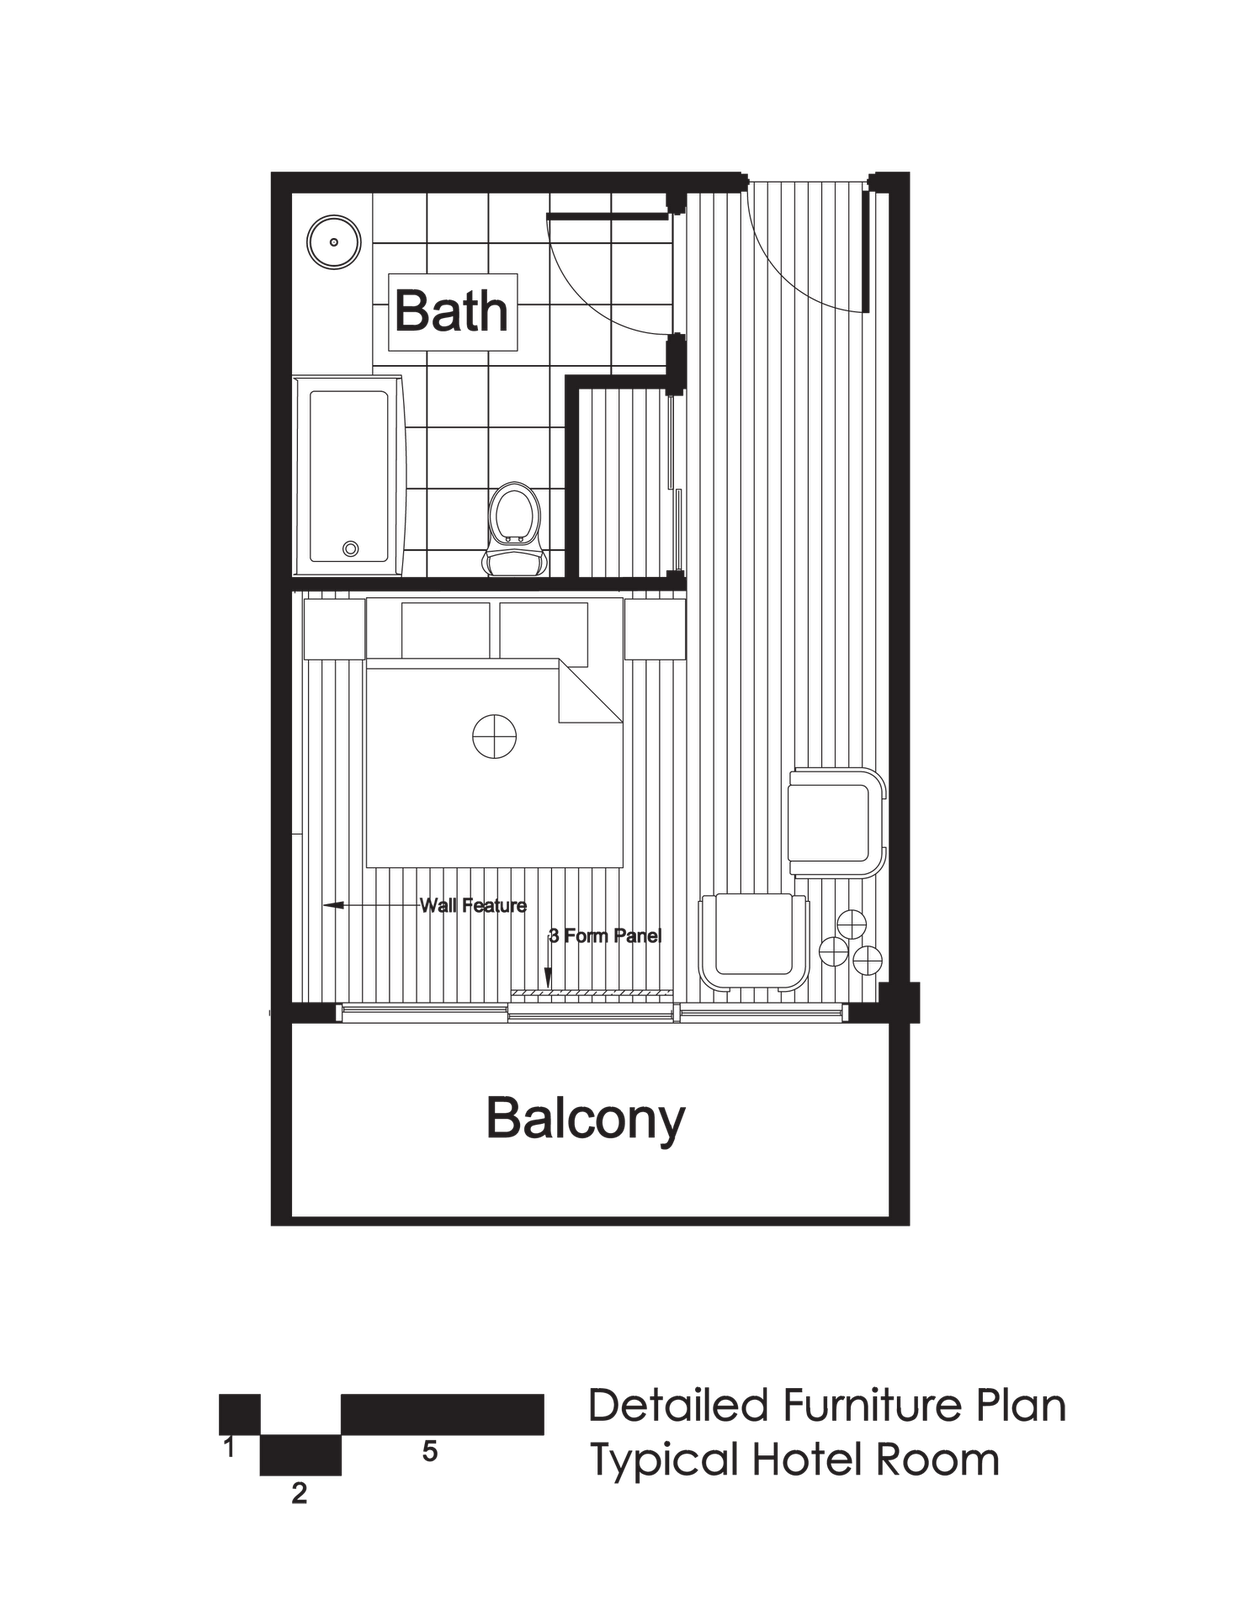 Texas Tech Interior Design Degree Plan